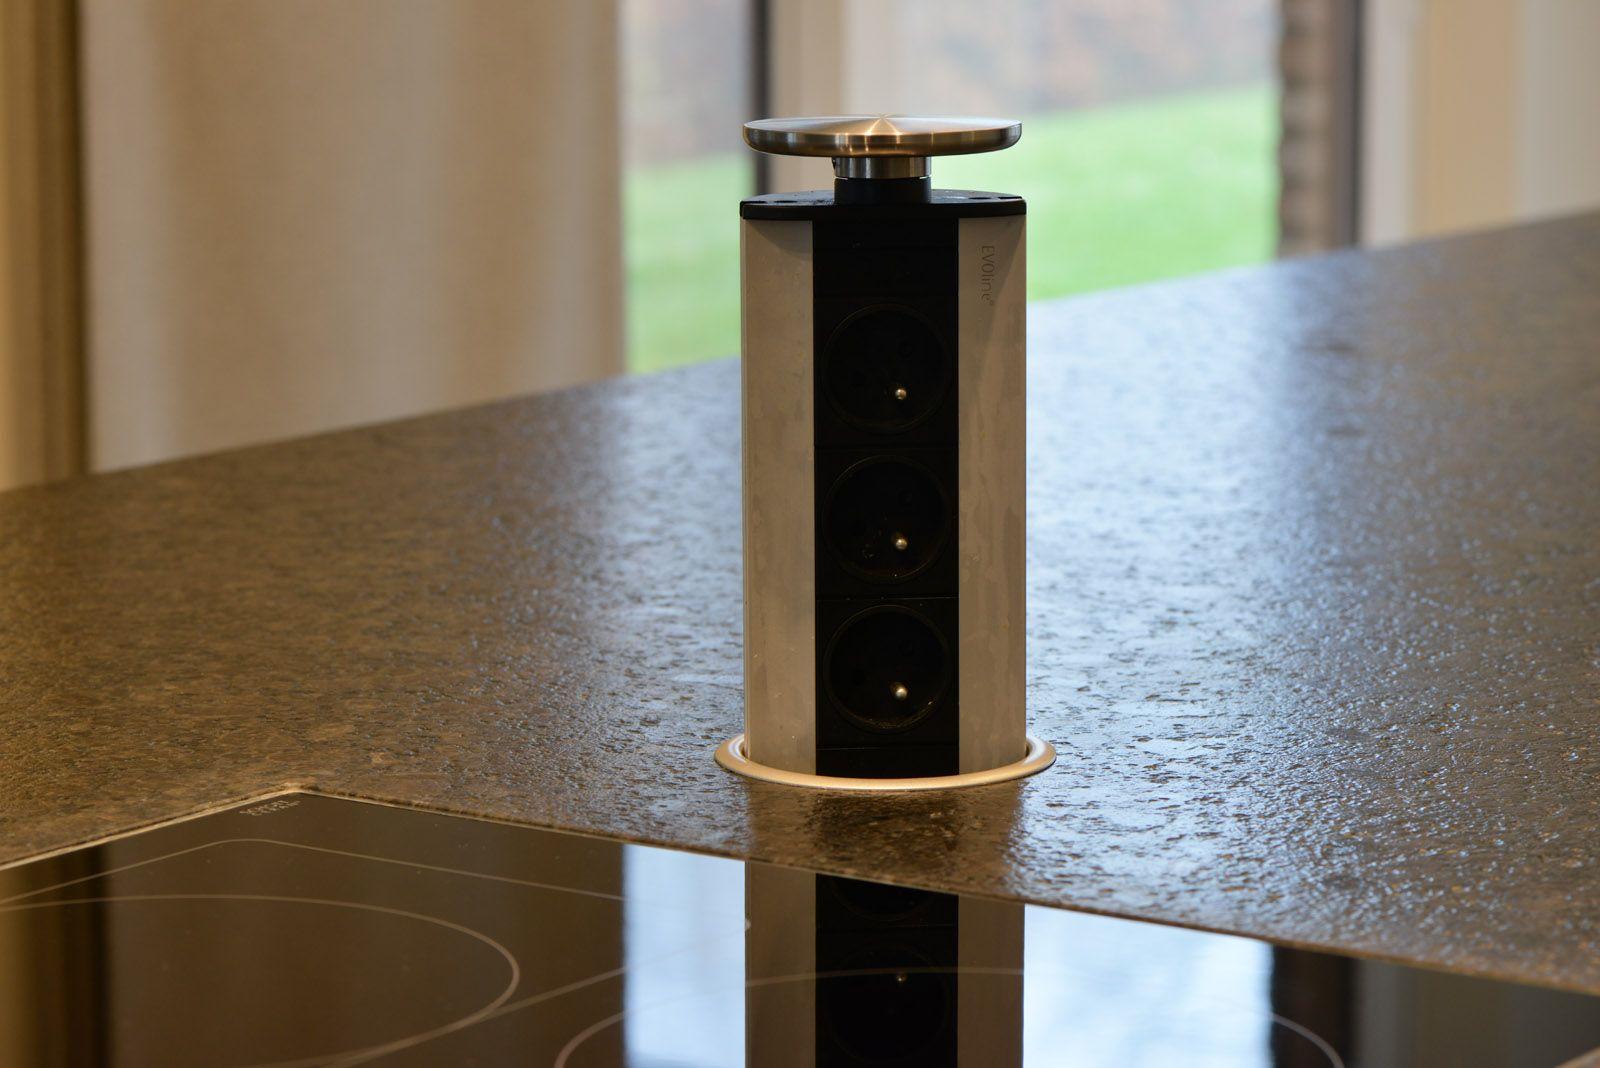 Dsm Keukens St Niklaas : gevlamd granieten keukenblad met weggewerkte stopcontacten